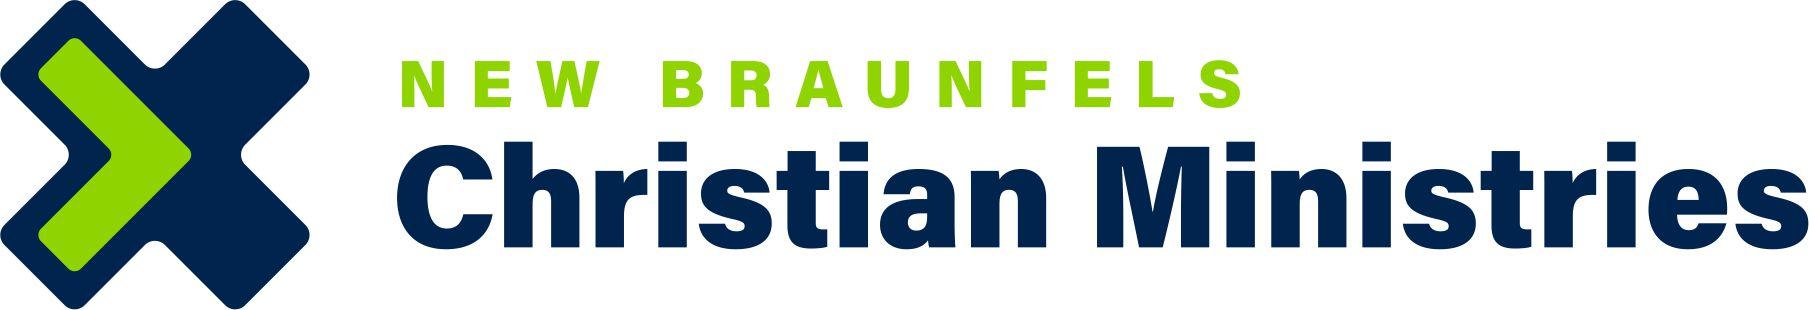 New Braunfels Christian Ministries